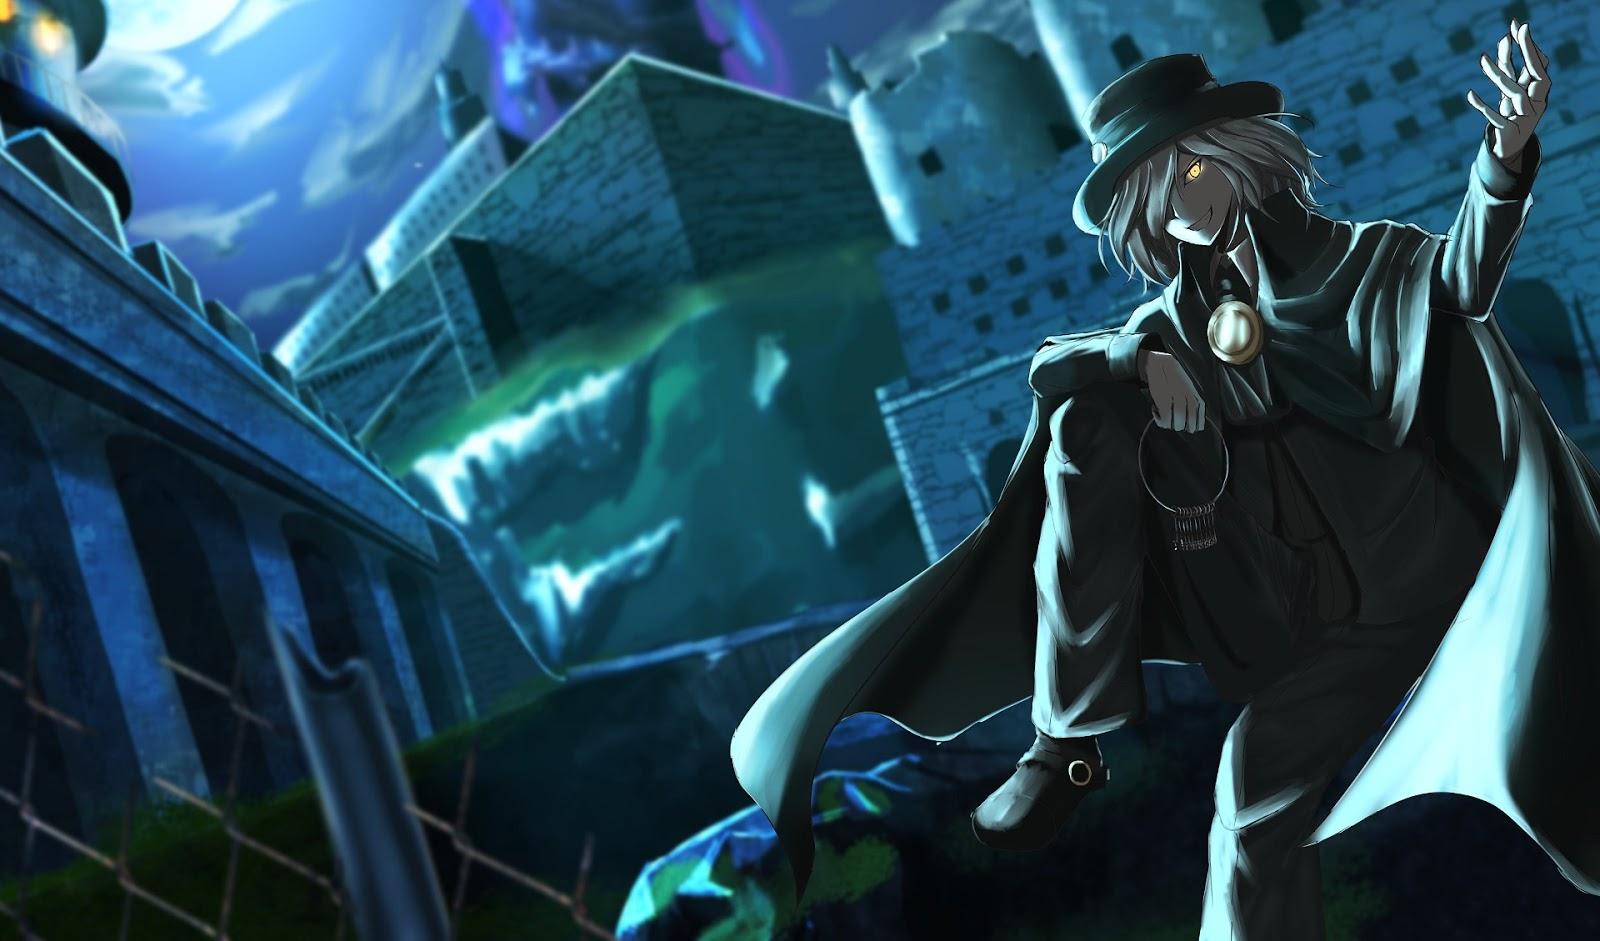 Fate AowVN%2B%252879%2529 - [ Hình Nền ] Anime Fate/GrandOrder tuyệt đẹp Full HD | Wallpaper